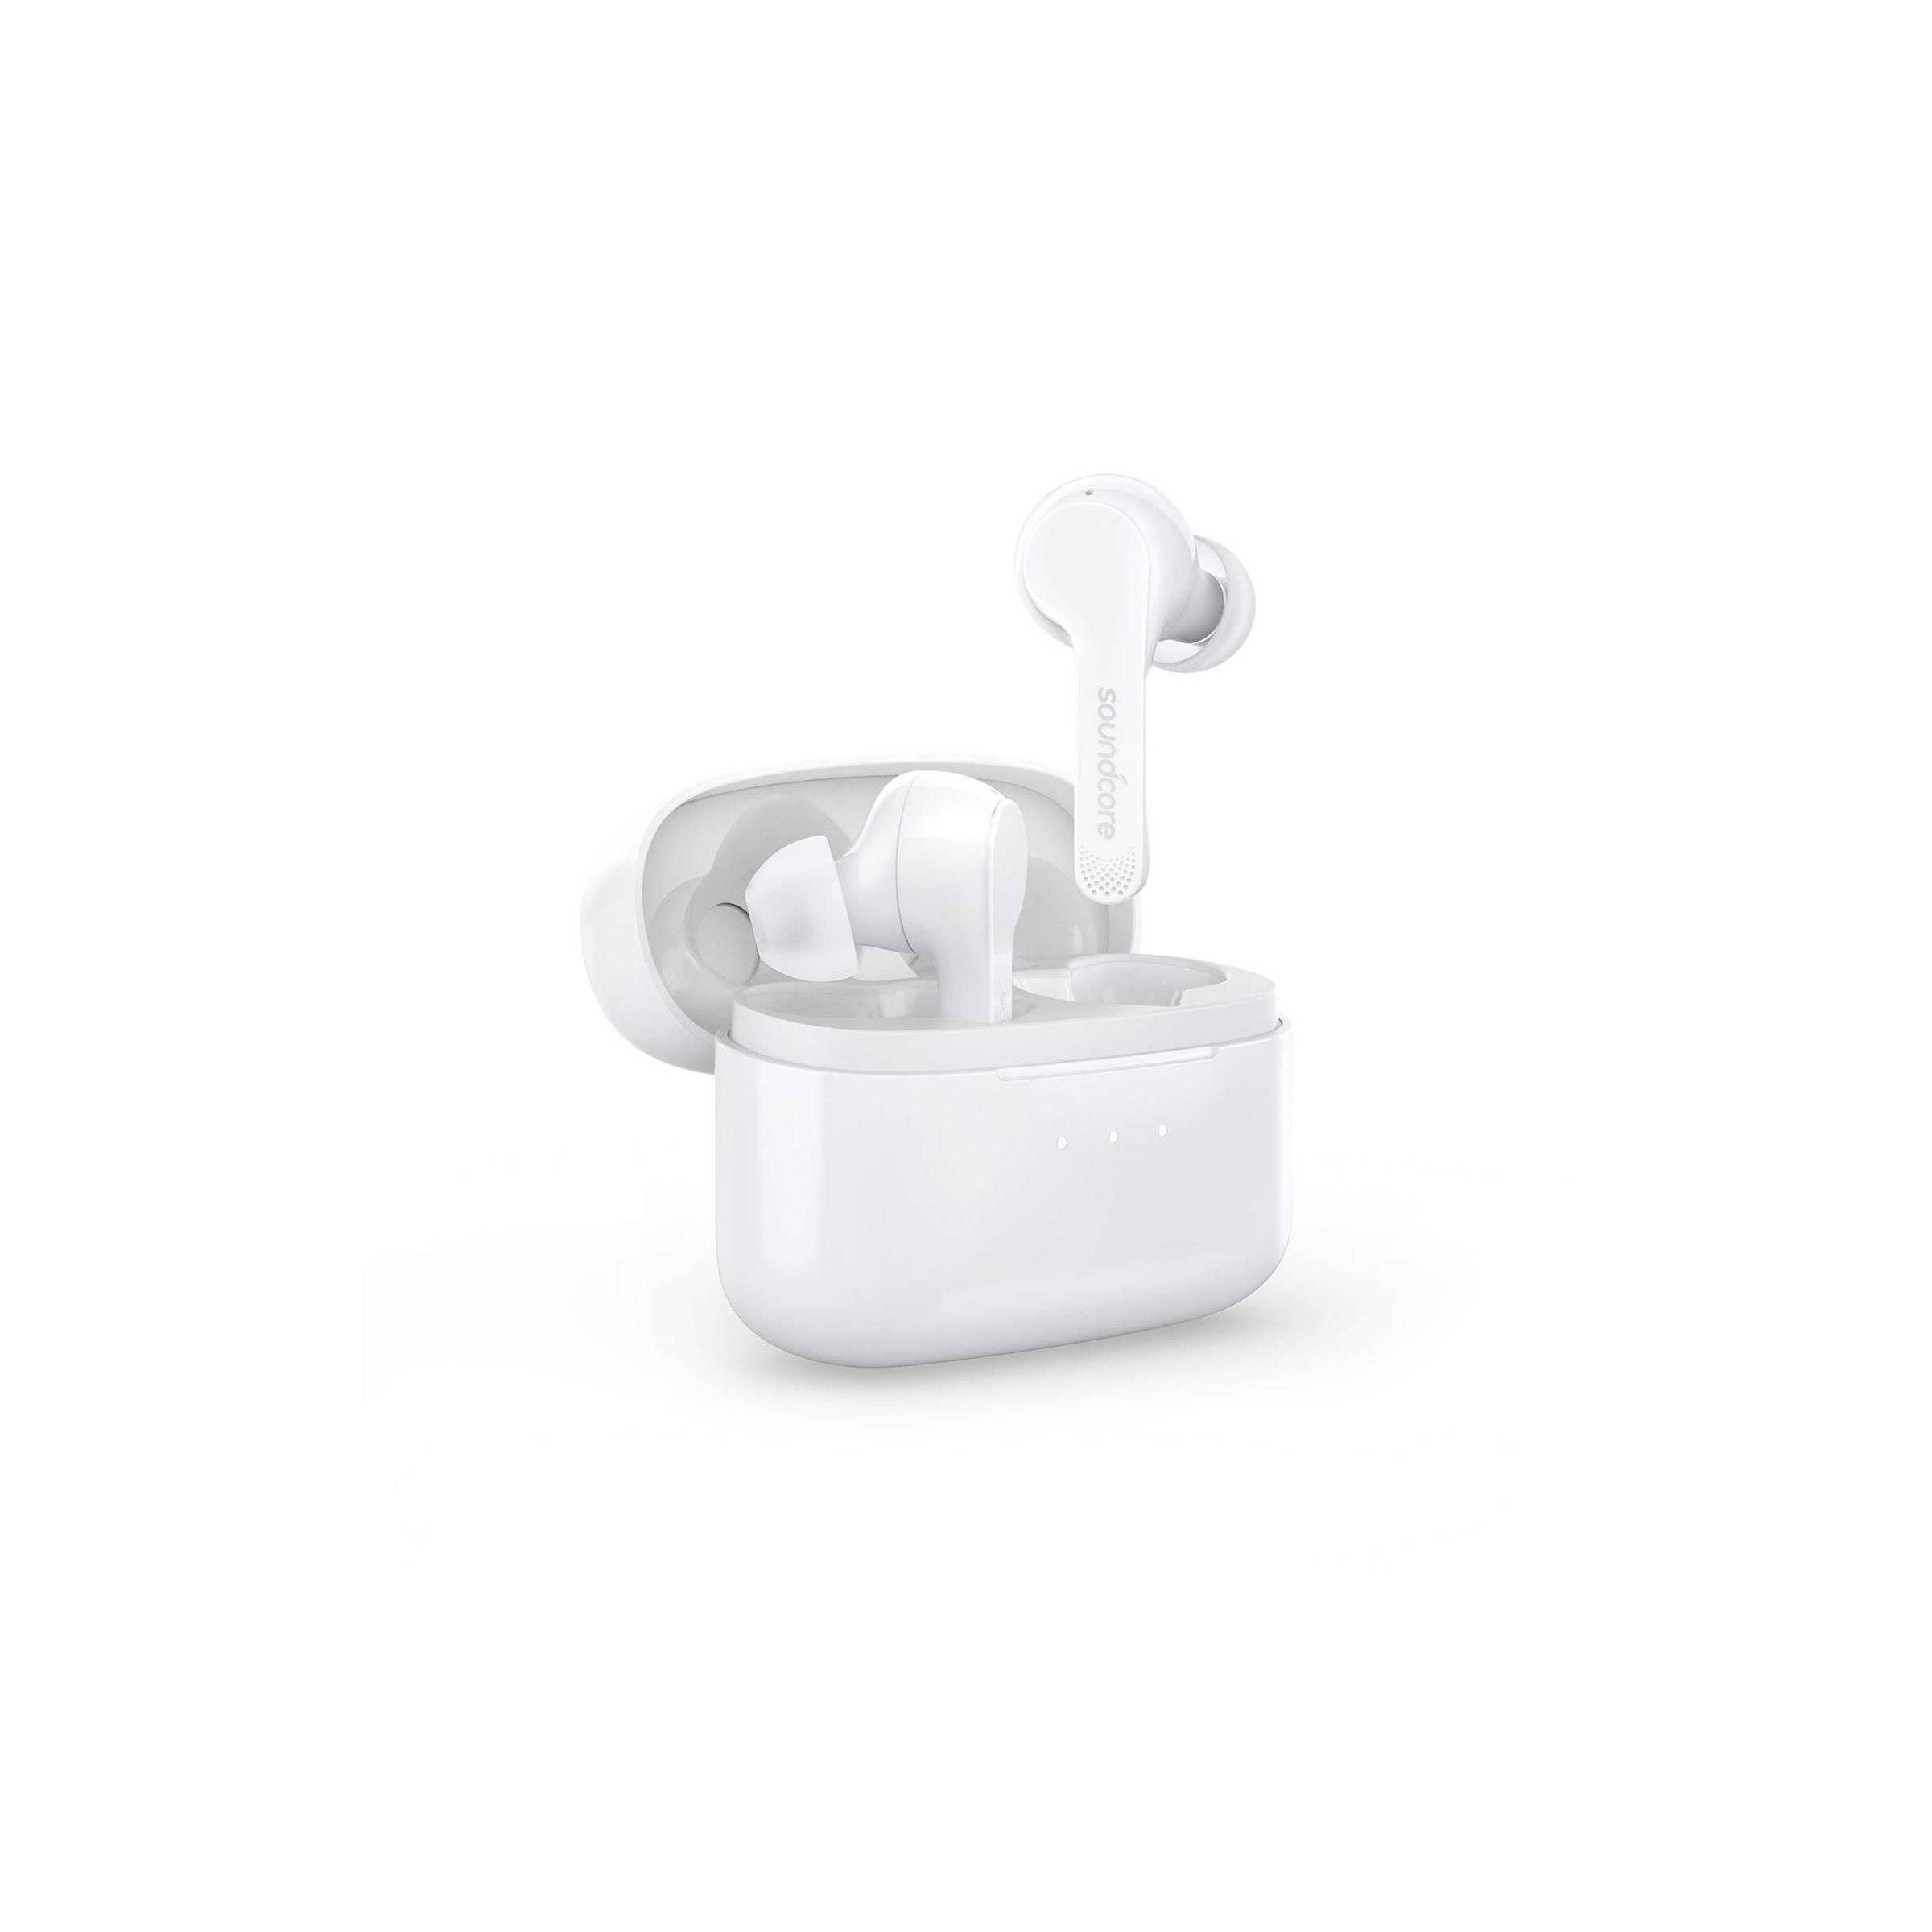 Anker soundcore liberty air hvid/sort true wireless headset til iphone osv farve hvid fra anker på mackabler.dk